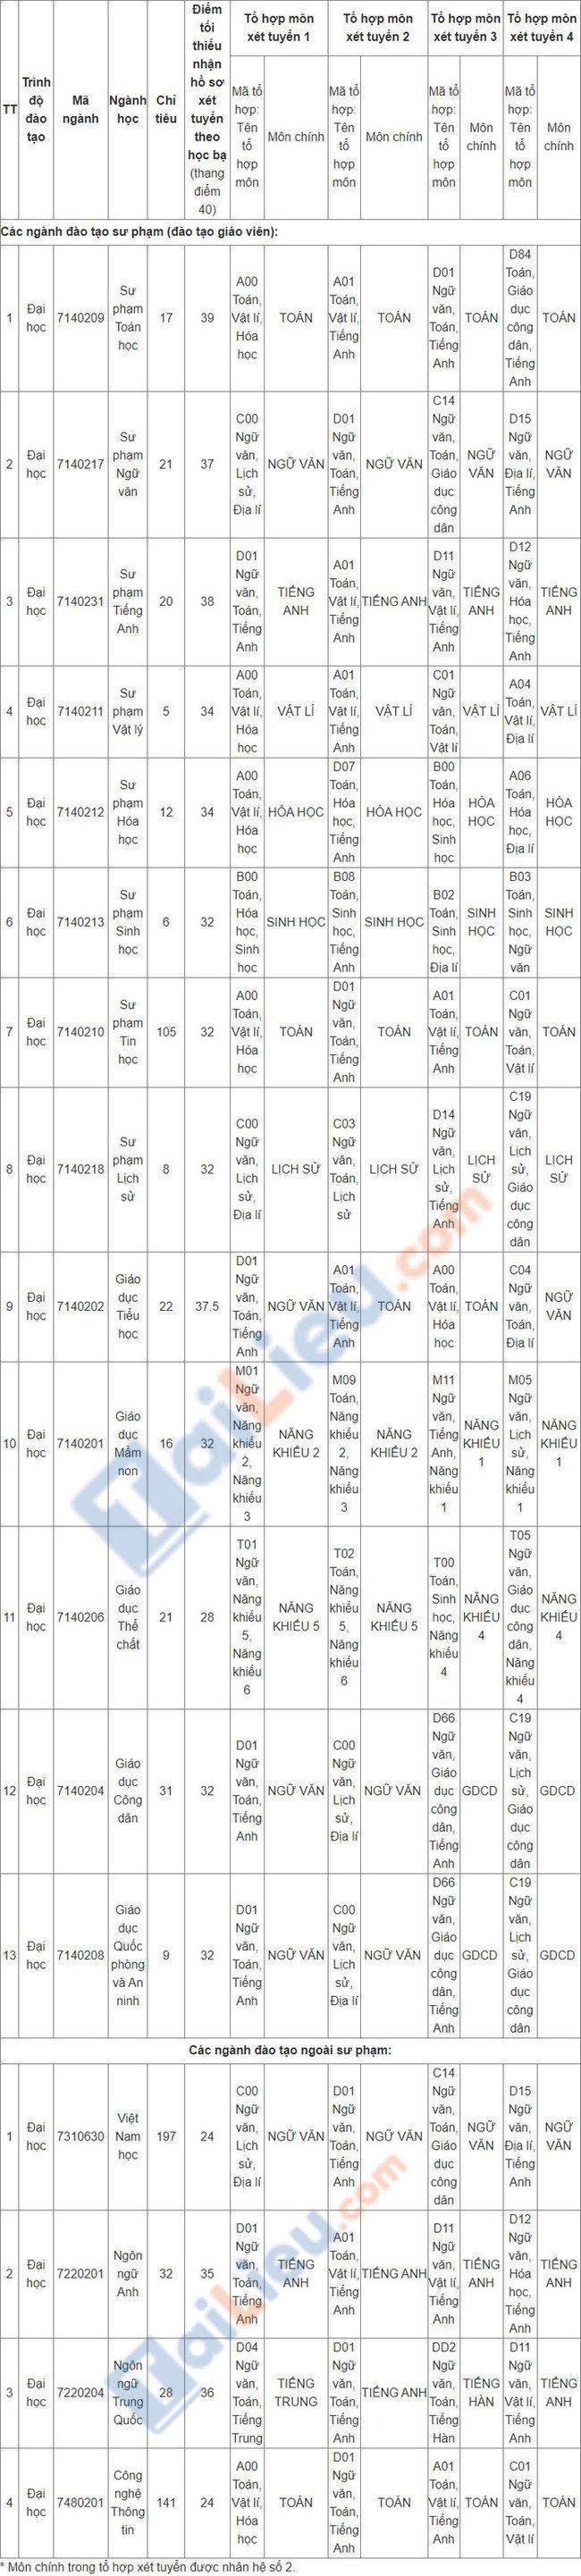 Điểm chuẩn đại học Sư Phạm Hà Nội 2 2021 xét học bạ đợt 2